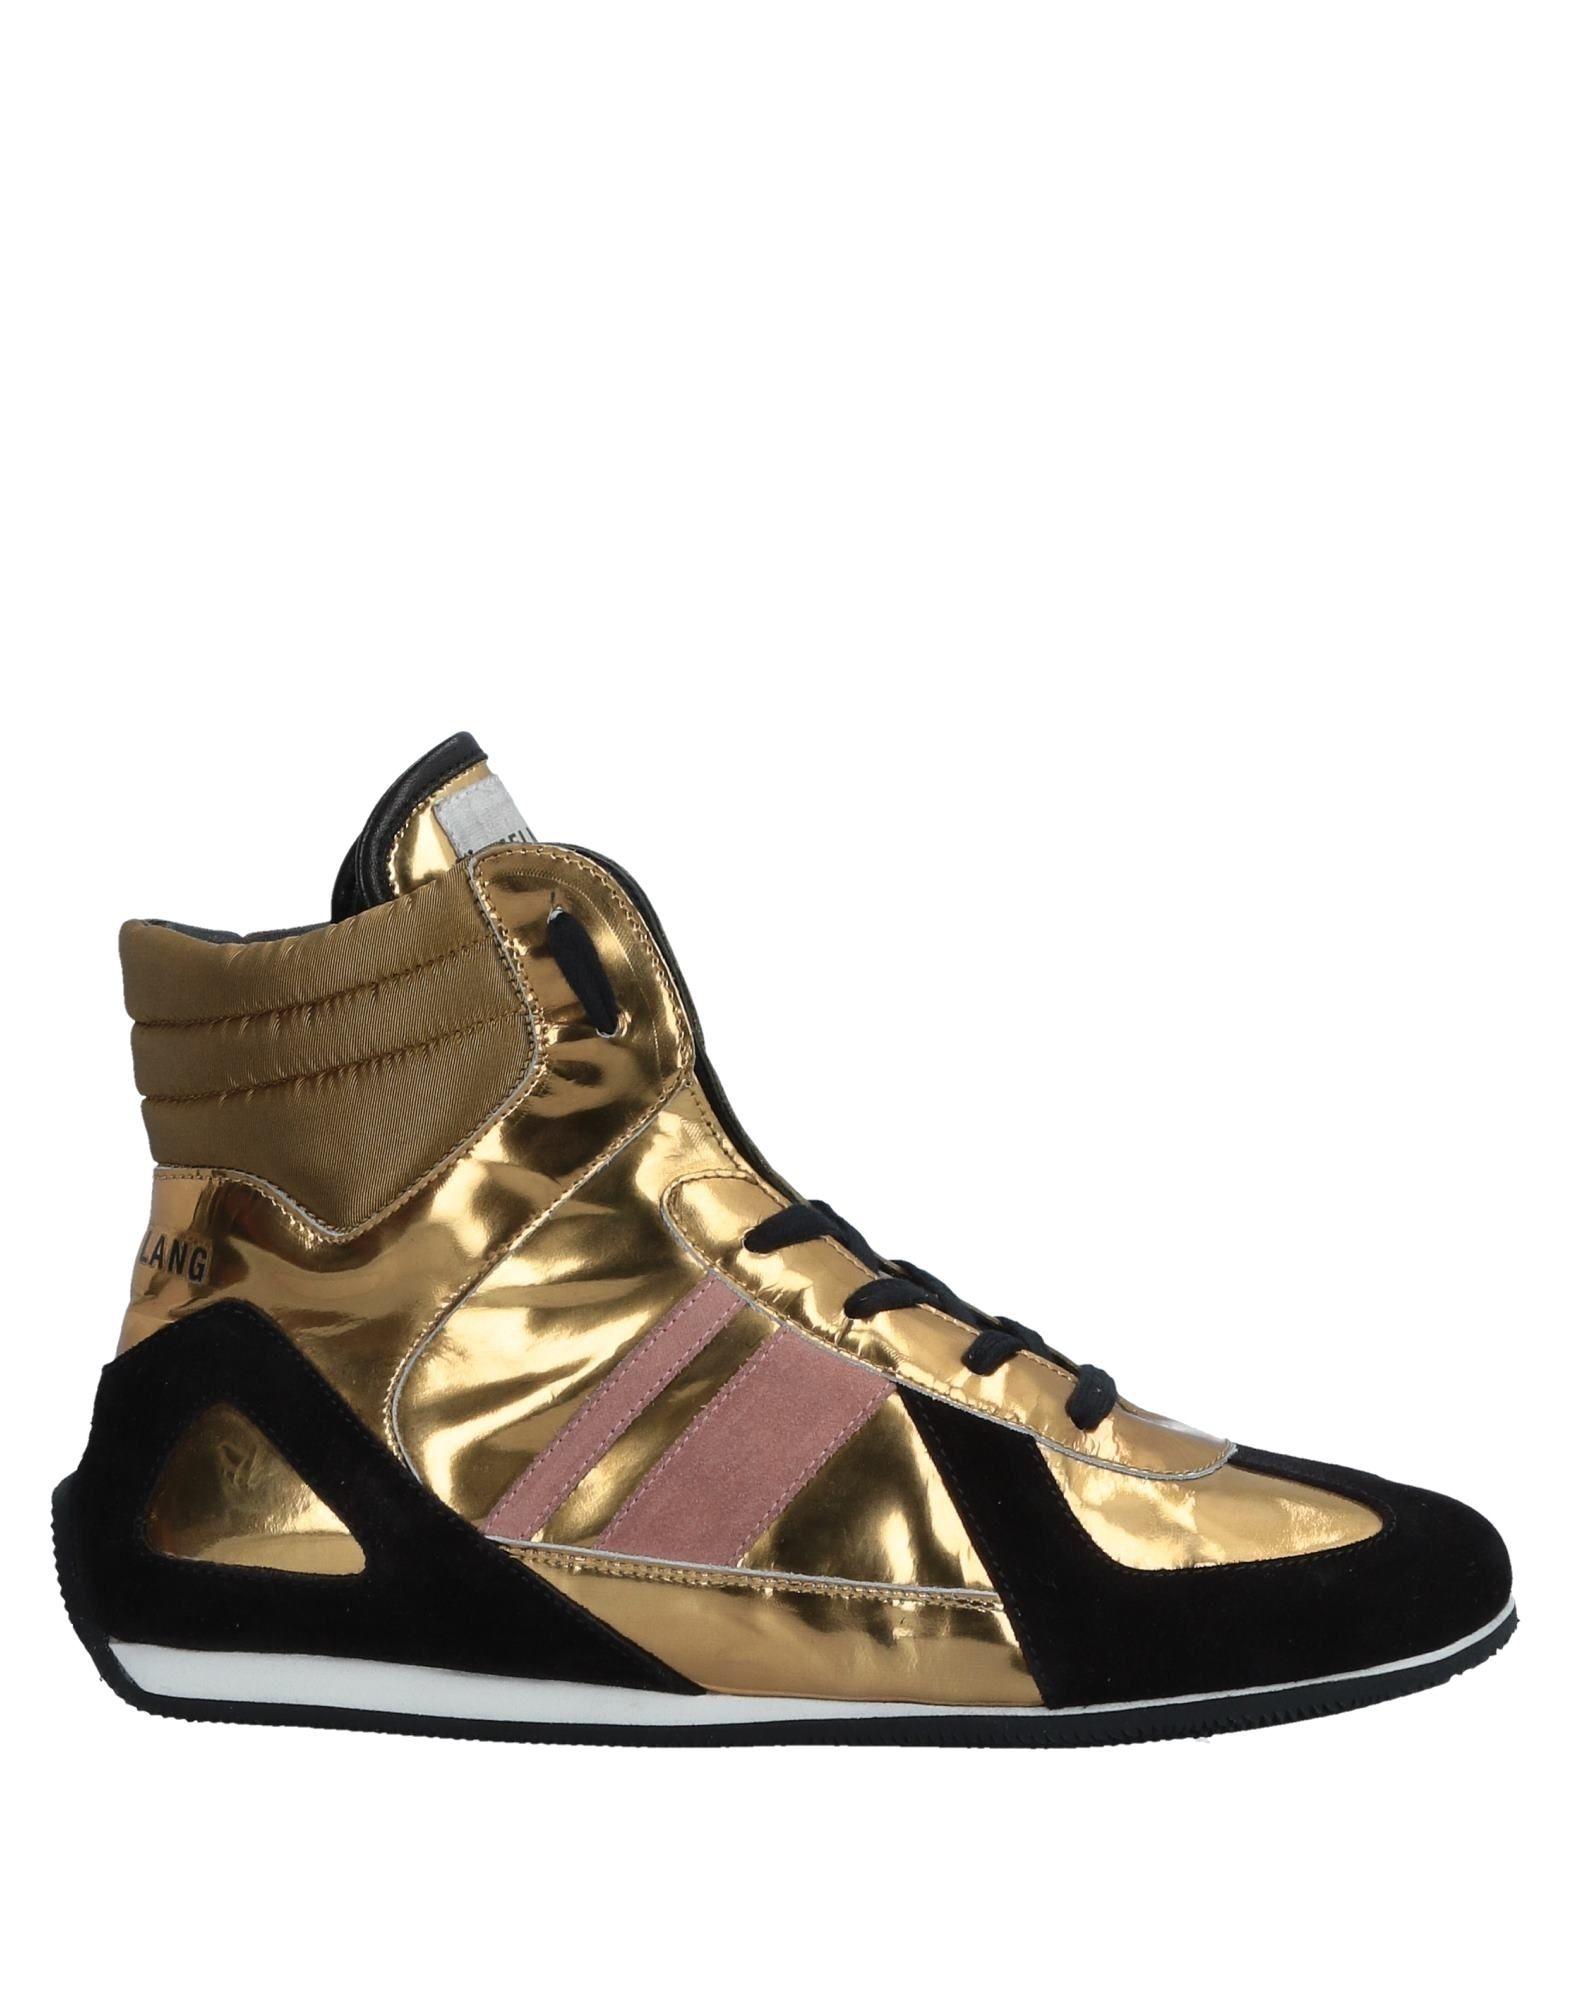 Helmut 11522636UDGut Lang Sneakers Damen  11522636UDGut Helmut aussehende strapazierfähige Schuhe e110de